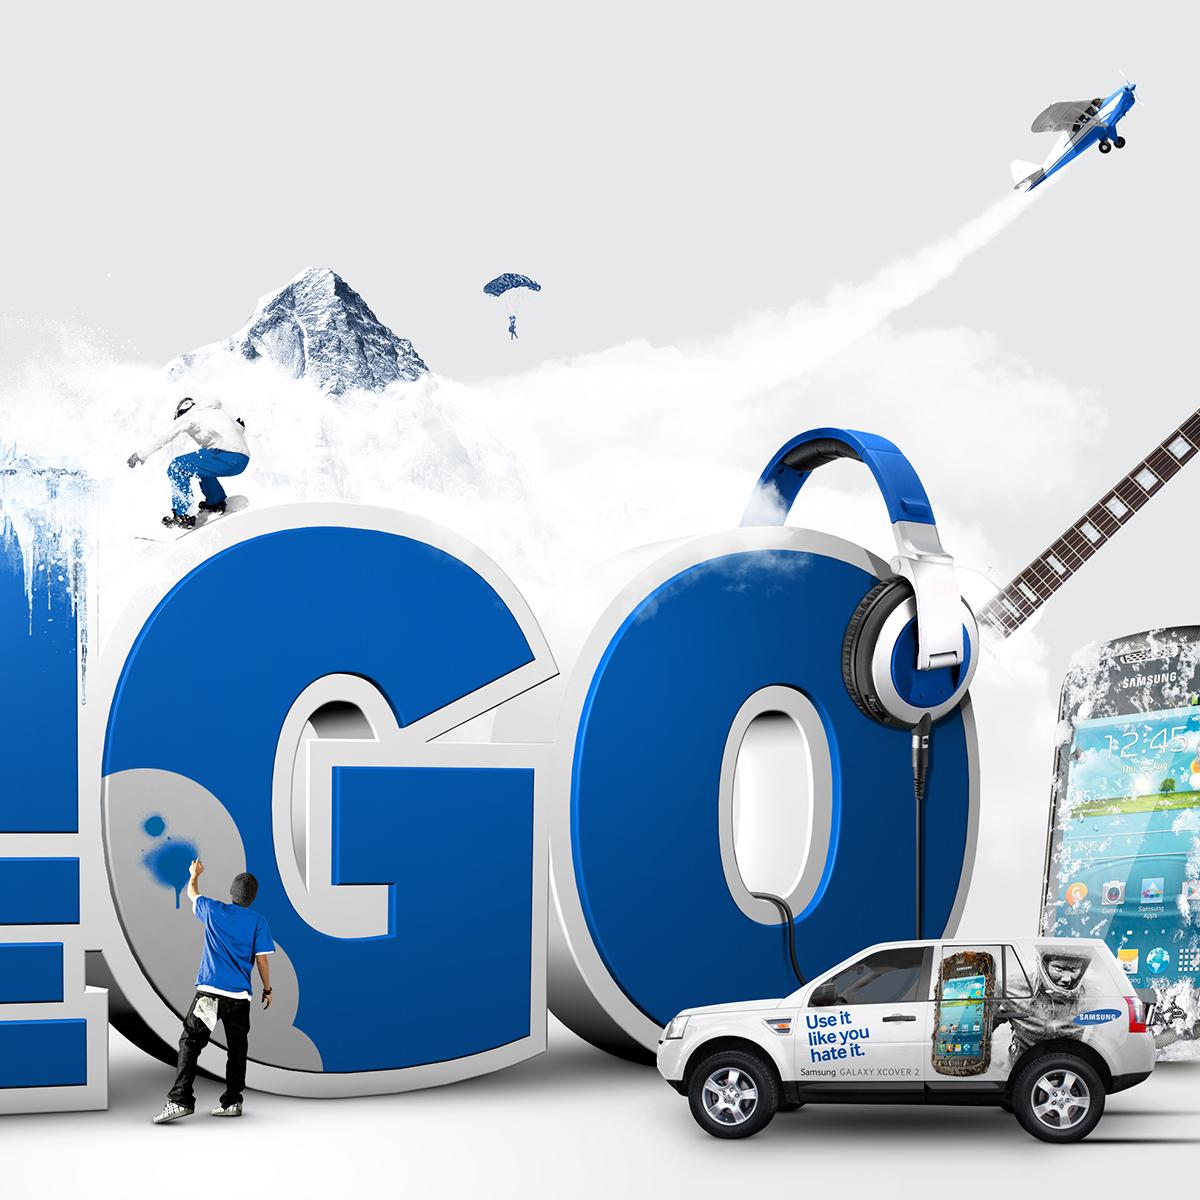 Samsung_On_The_Go_2